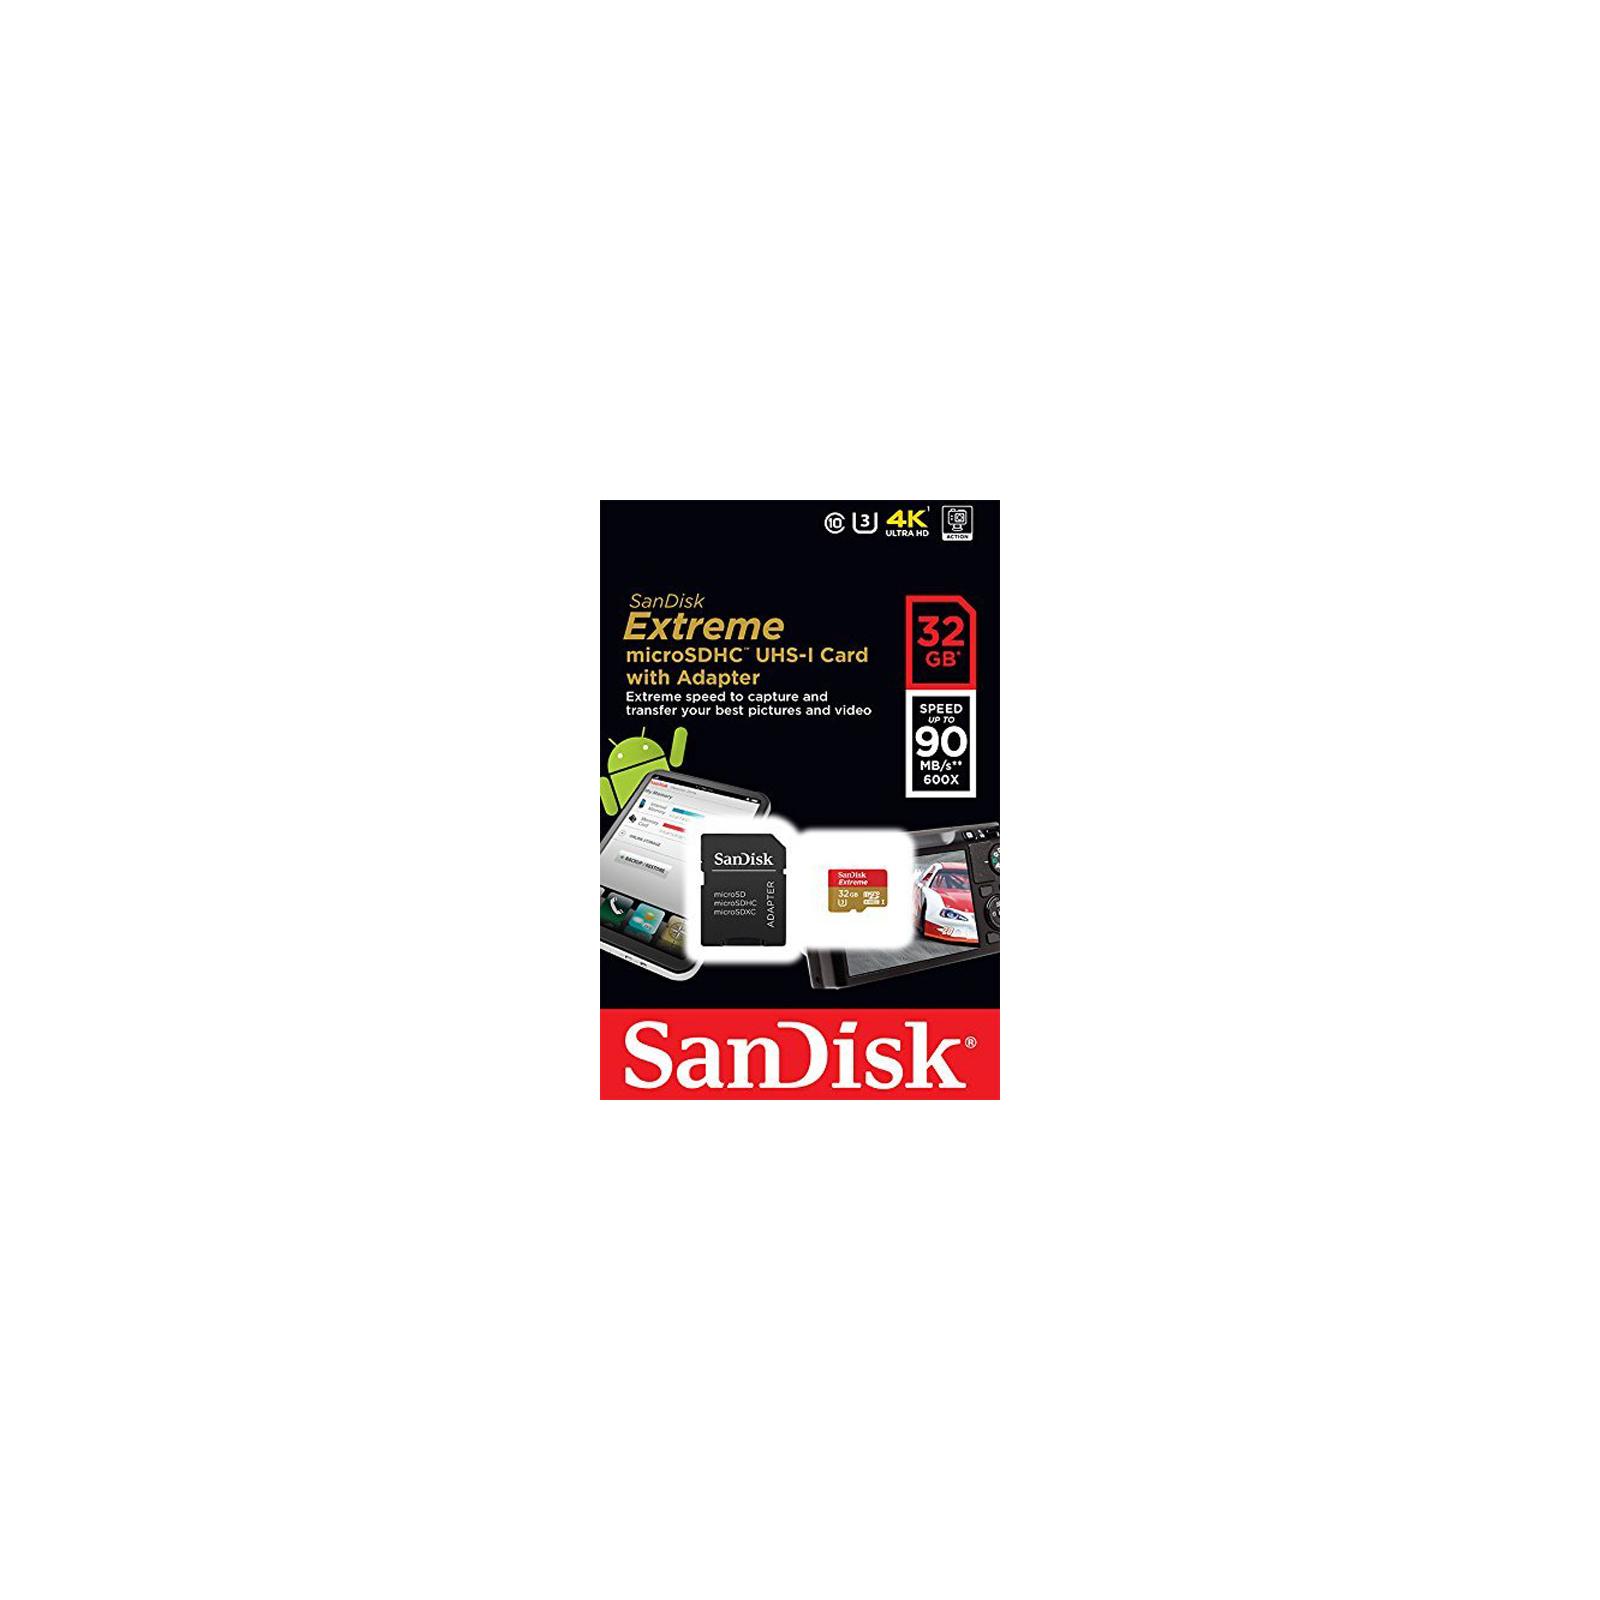 Карта памяти SANDISK 32GB microSDHC Extreme Class 10 UHS-I U3 (SDSQXNE-032G-GN6MA) изображение 5